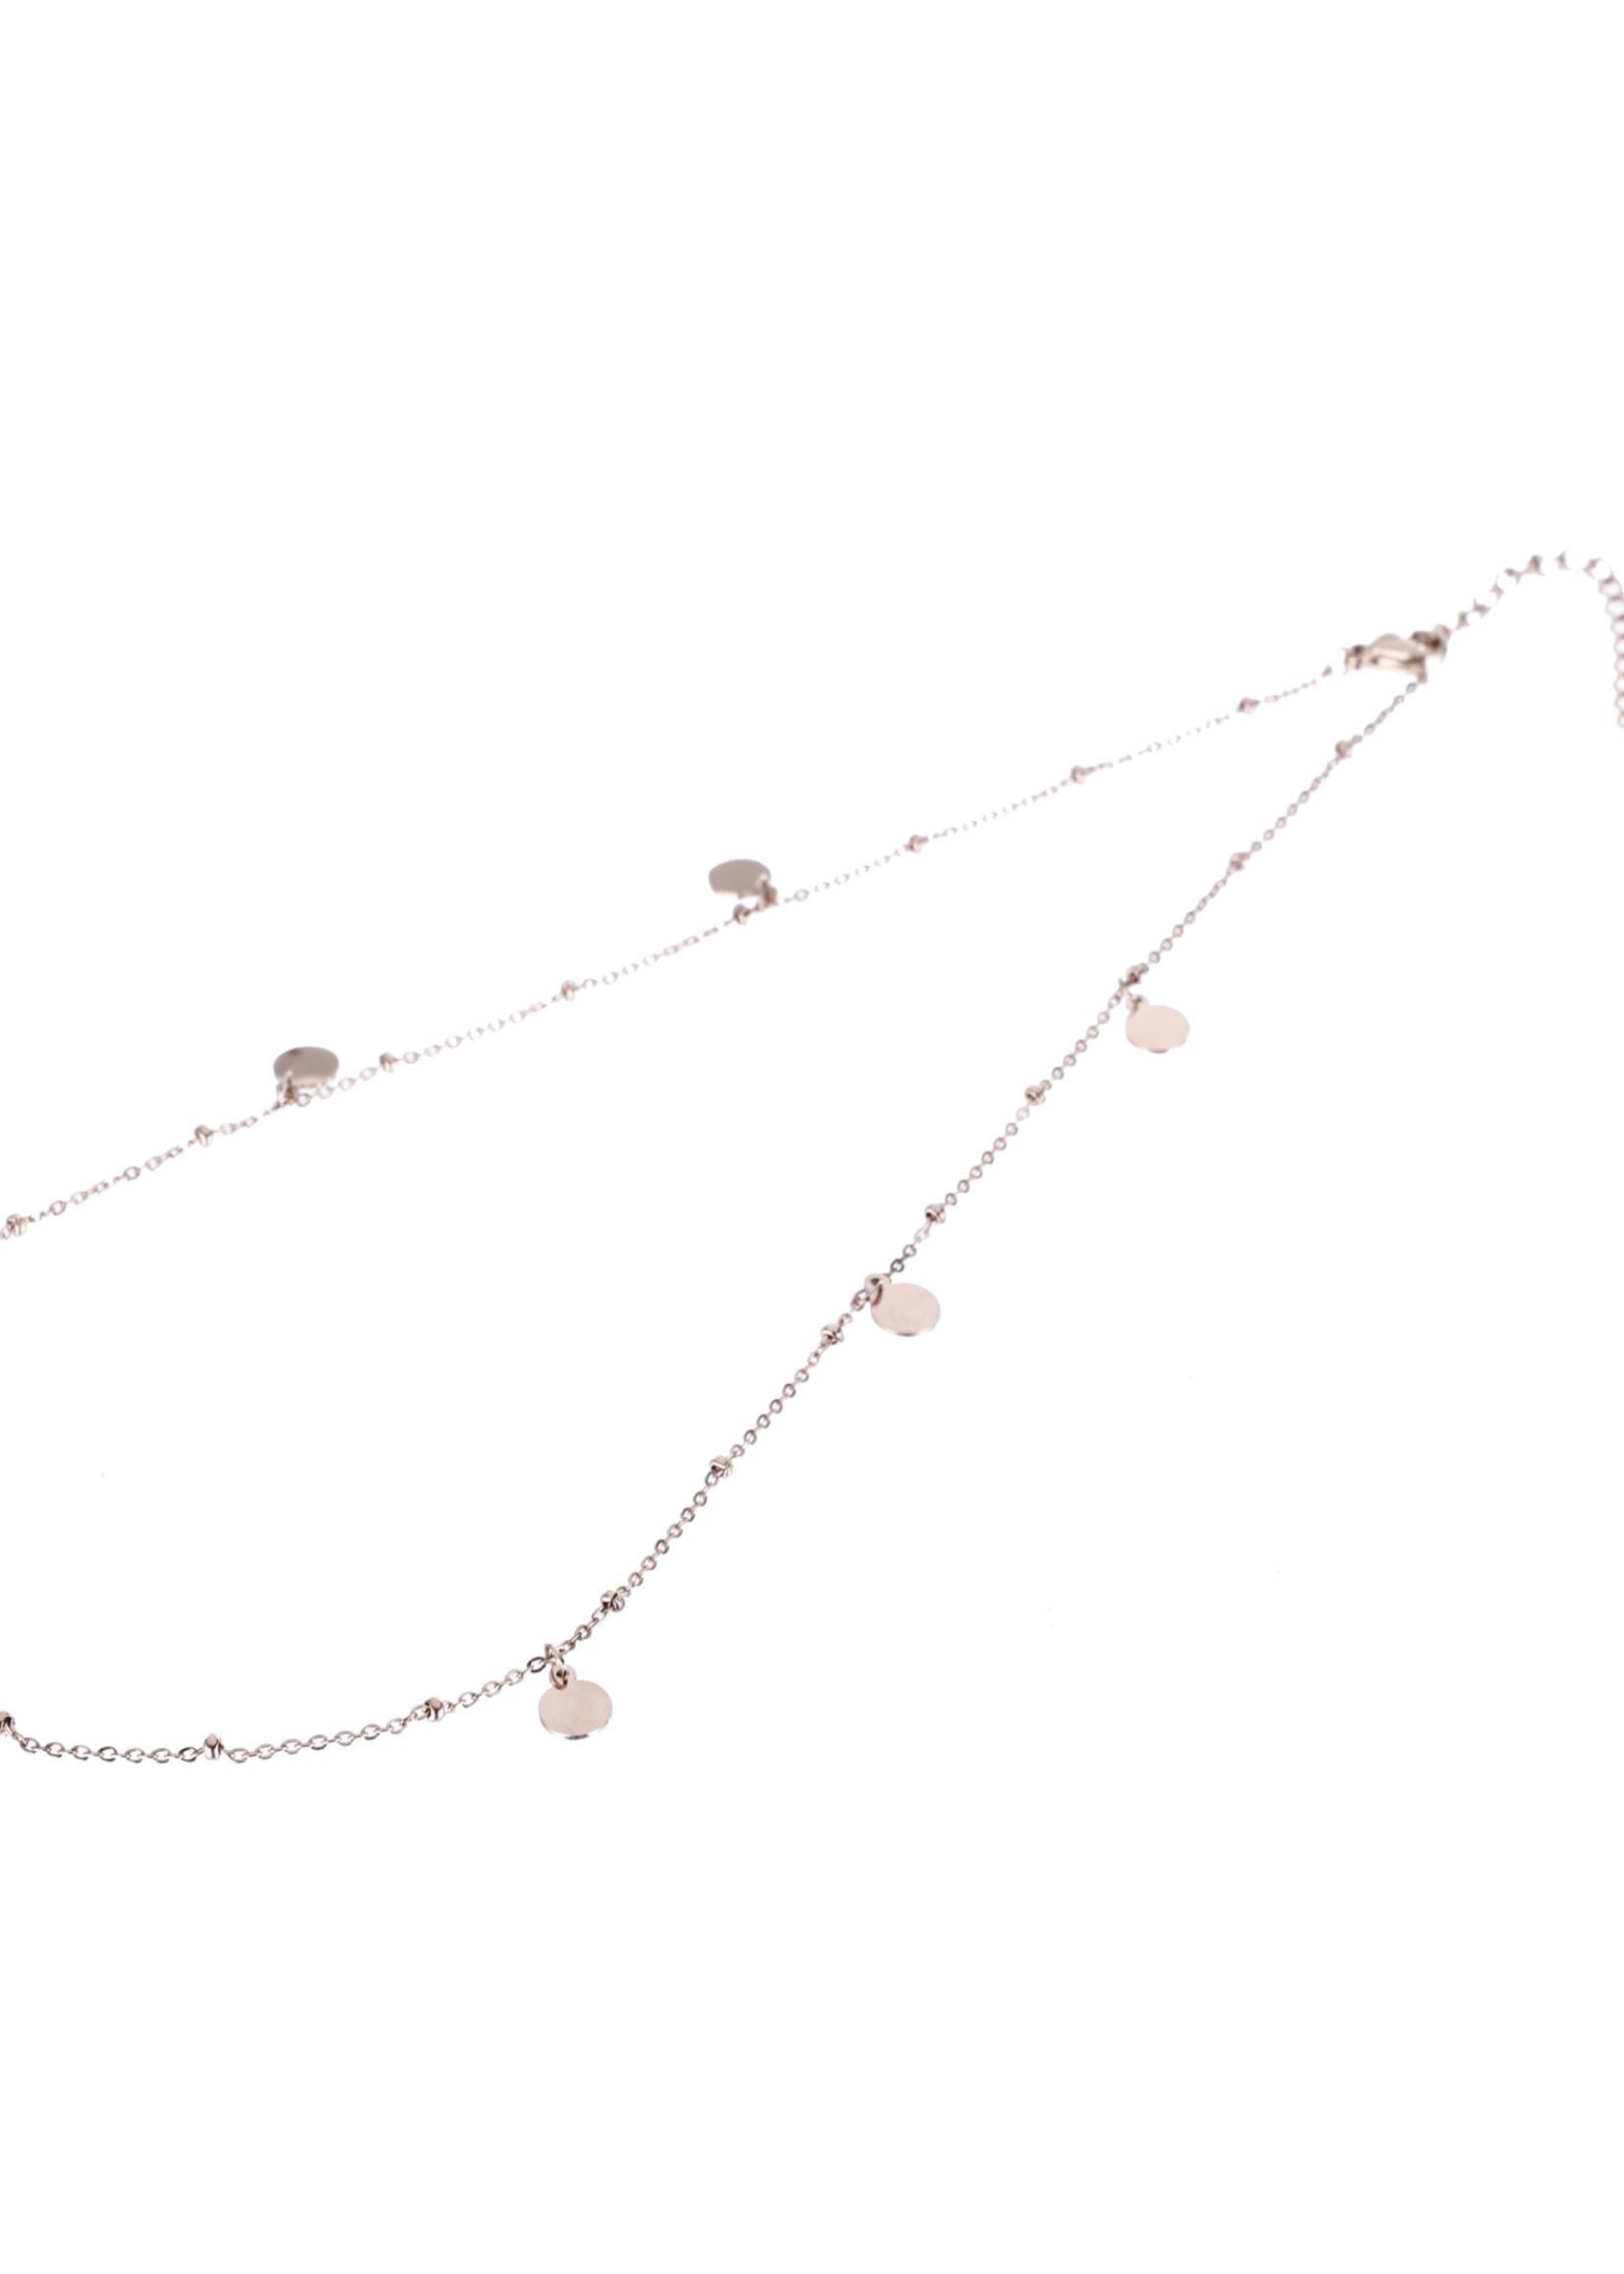 Ketting rosé-goud muntjes N9319-3